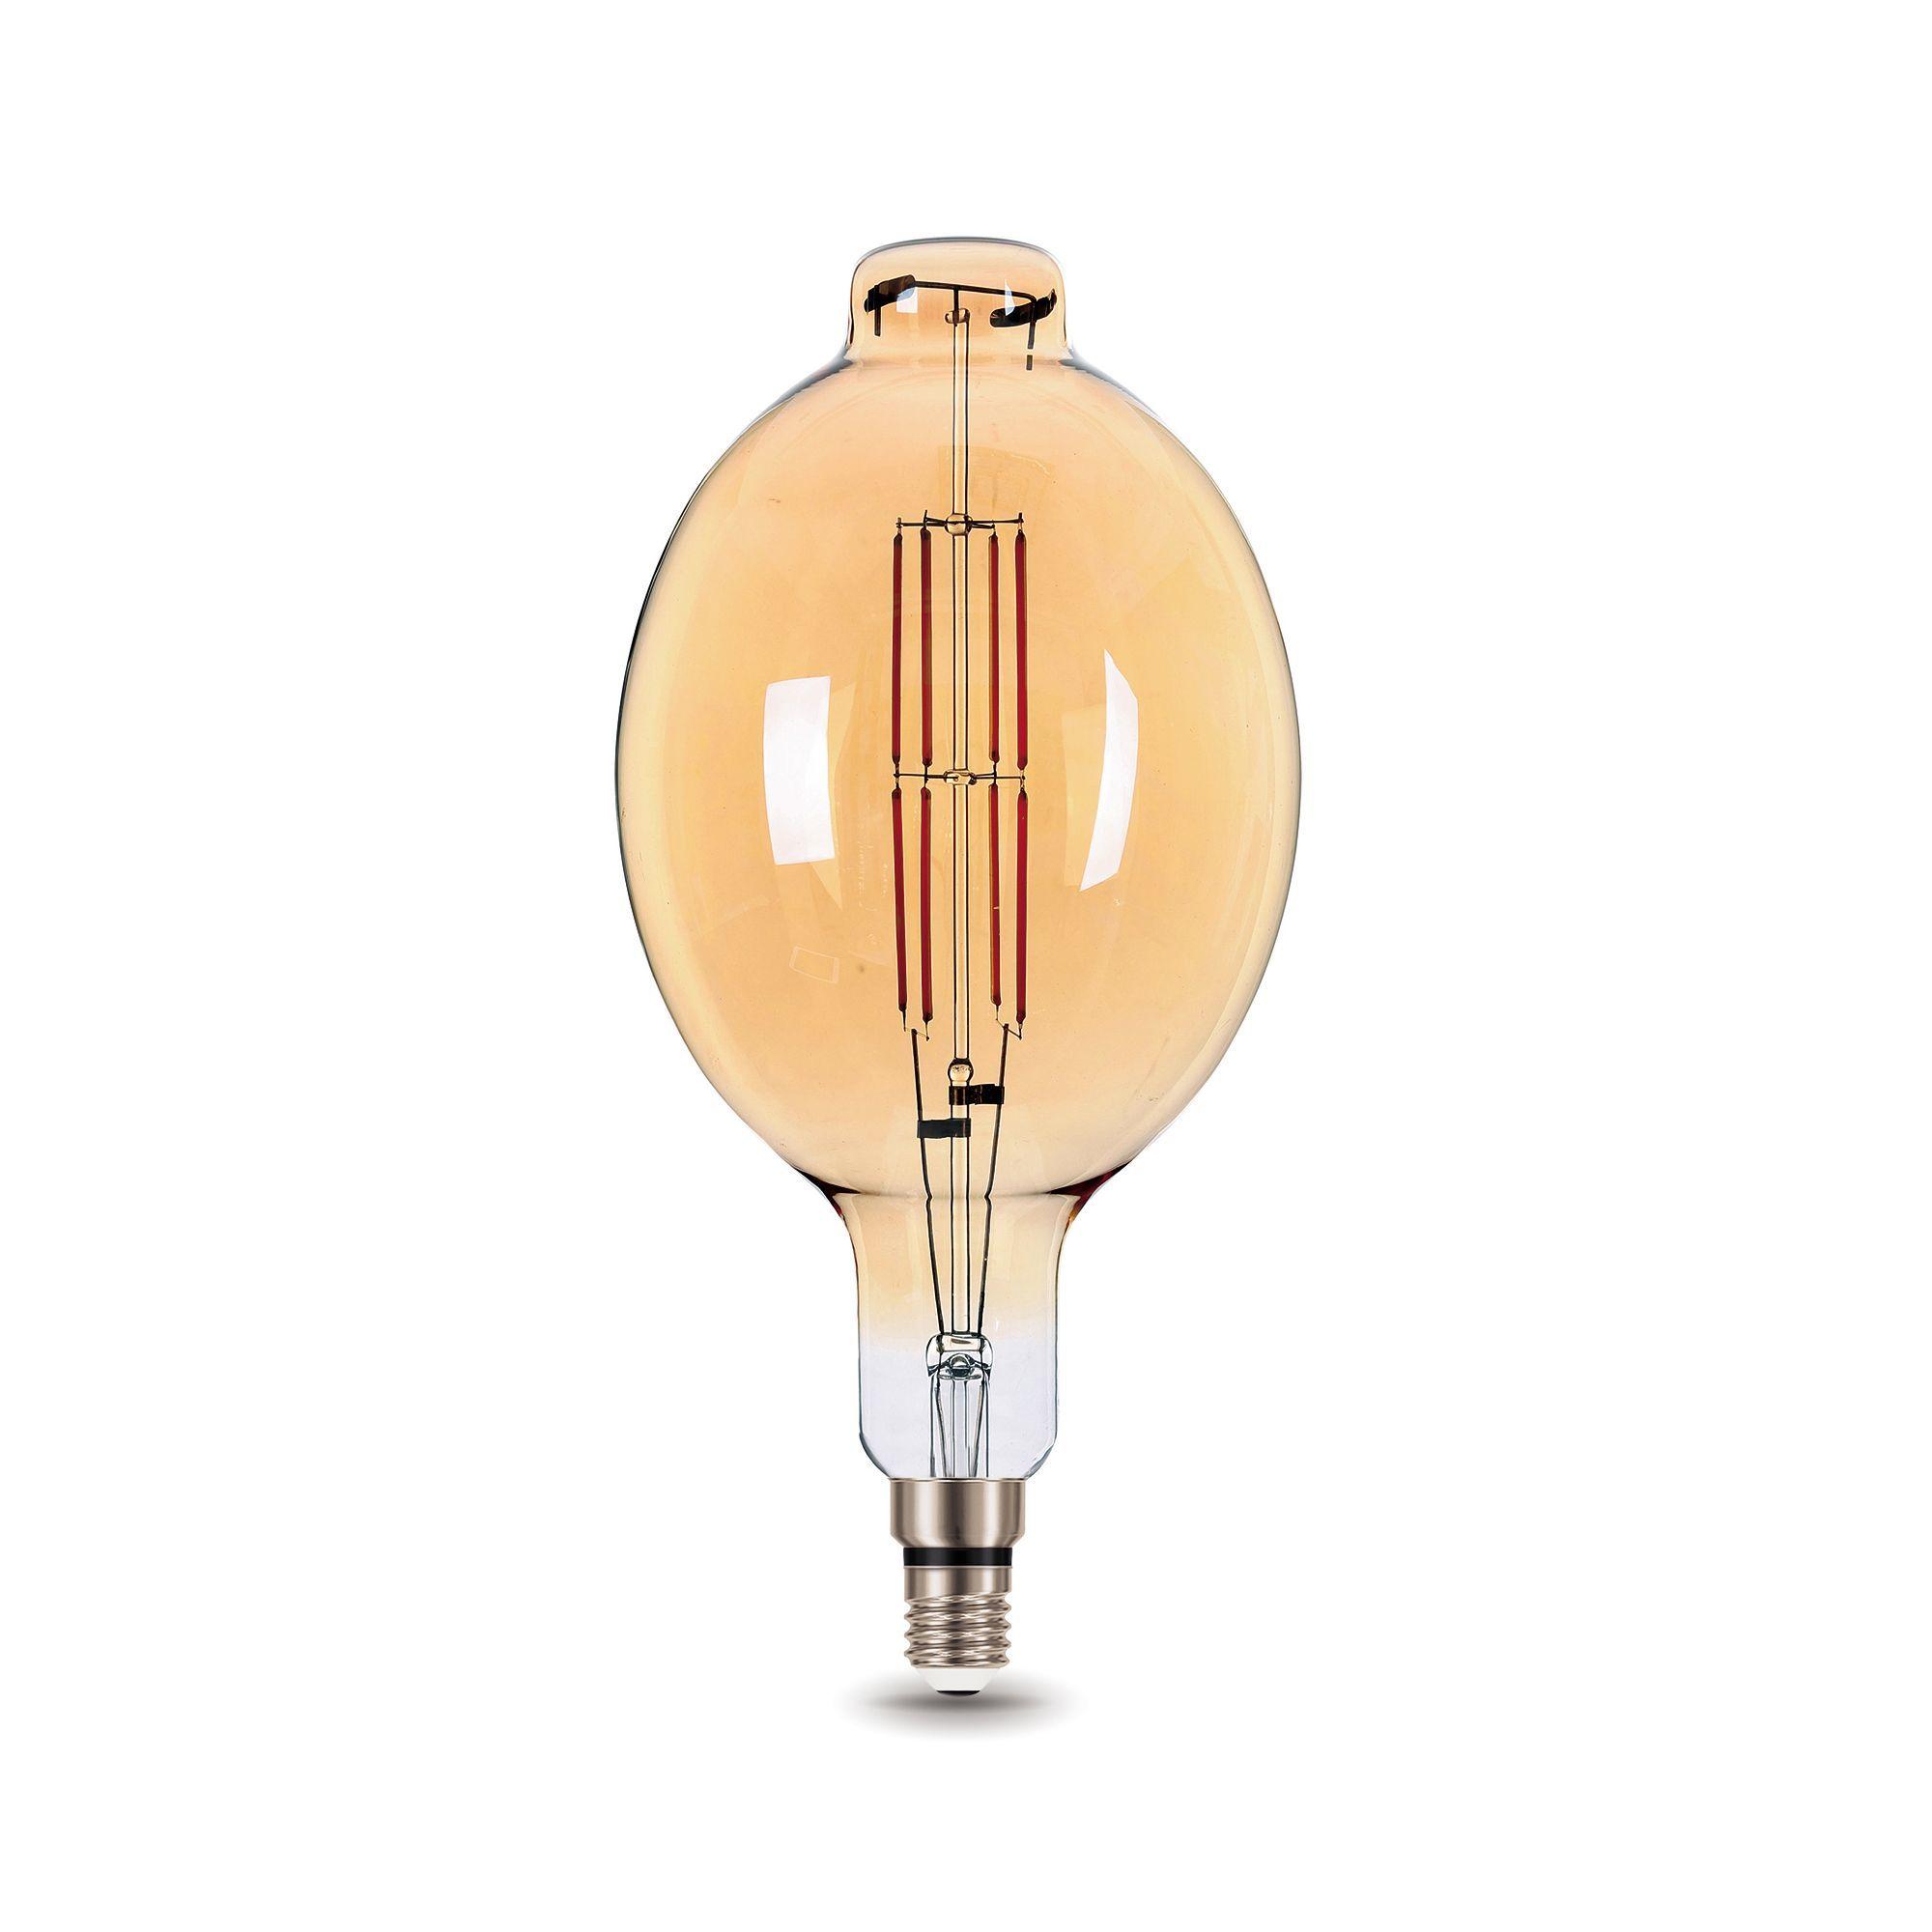 Лампа большая светодиодная Gauss Е27 8 Вт овал прямой свет тёплый золотая колба диаметр 18 см